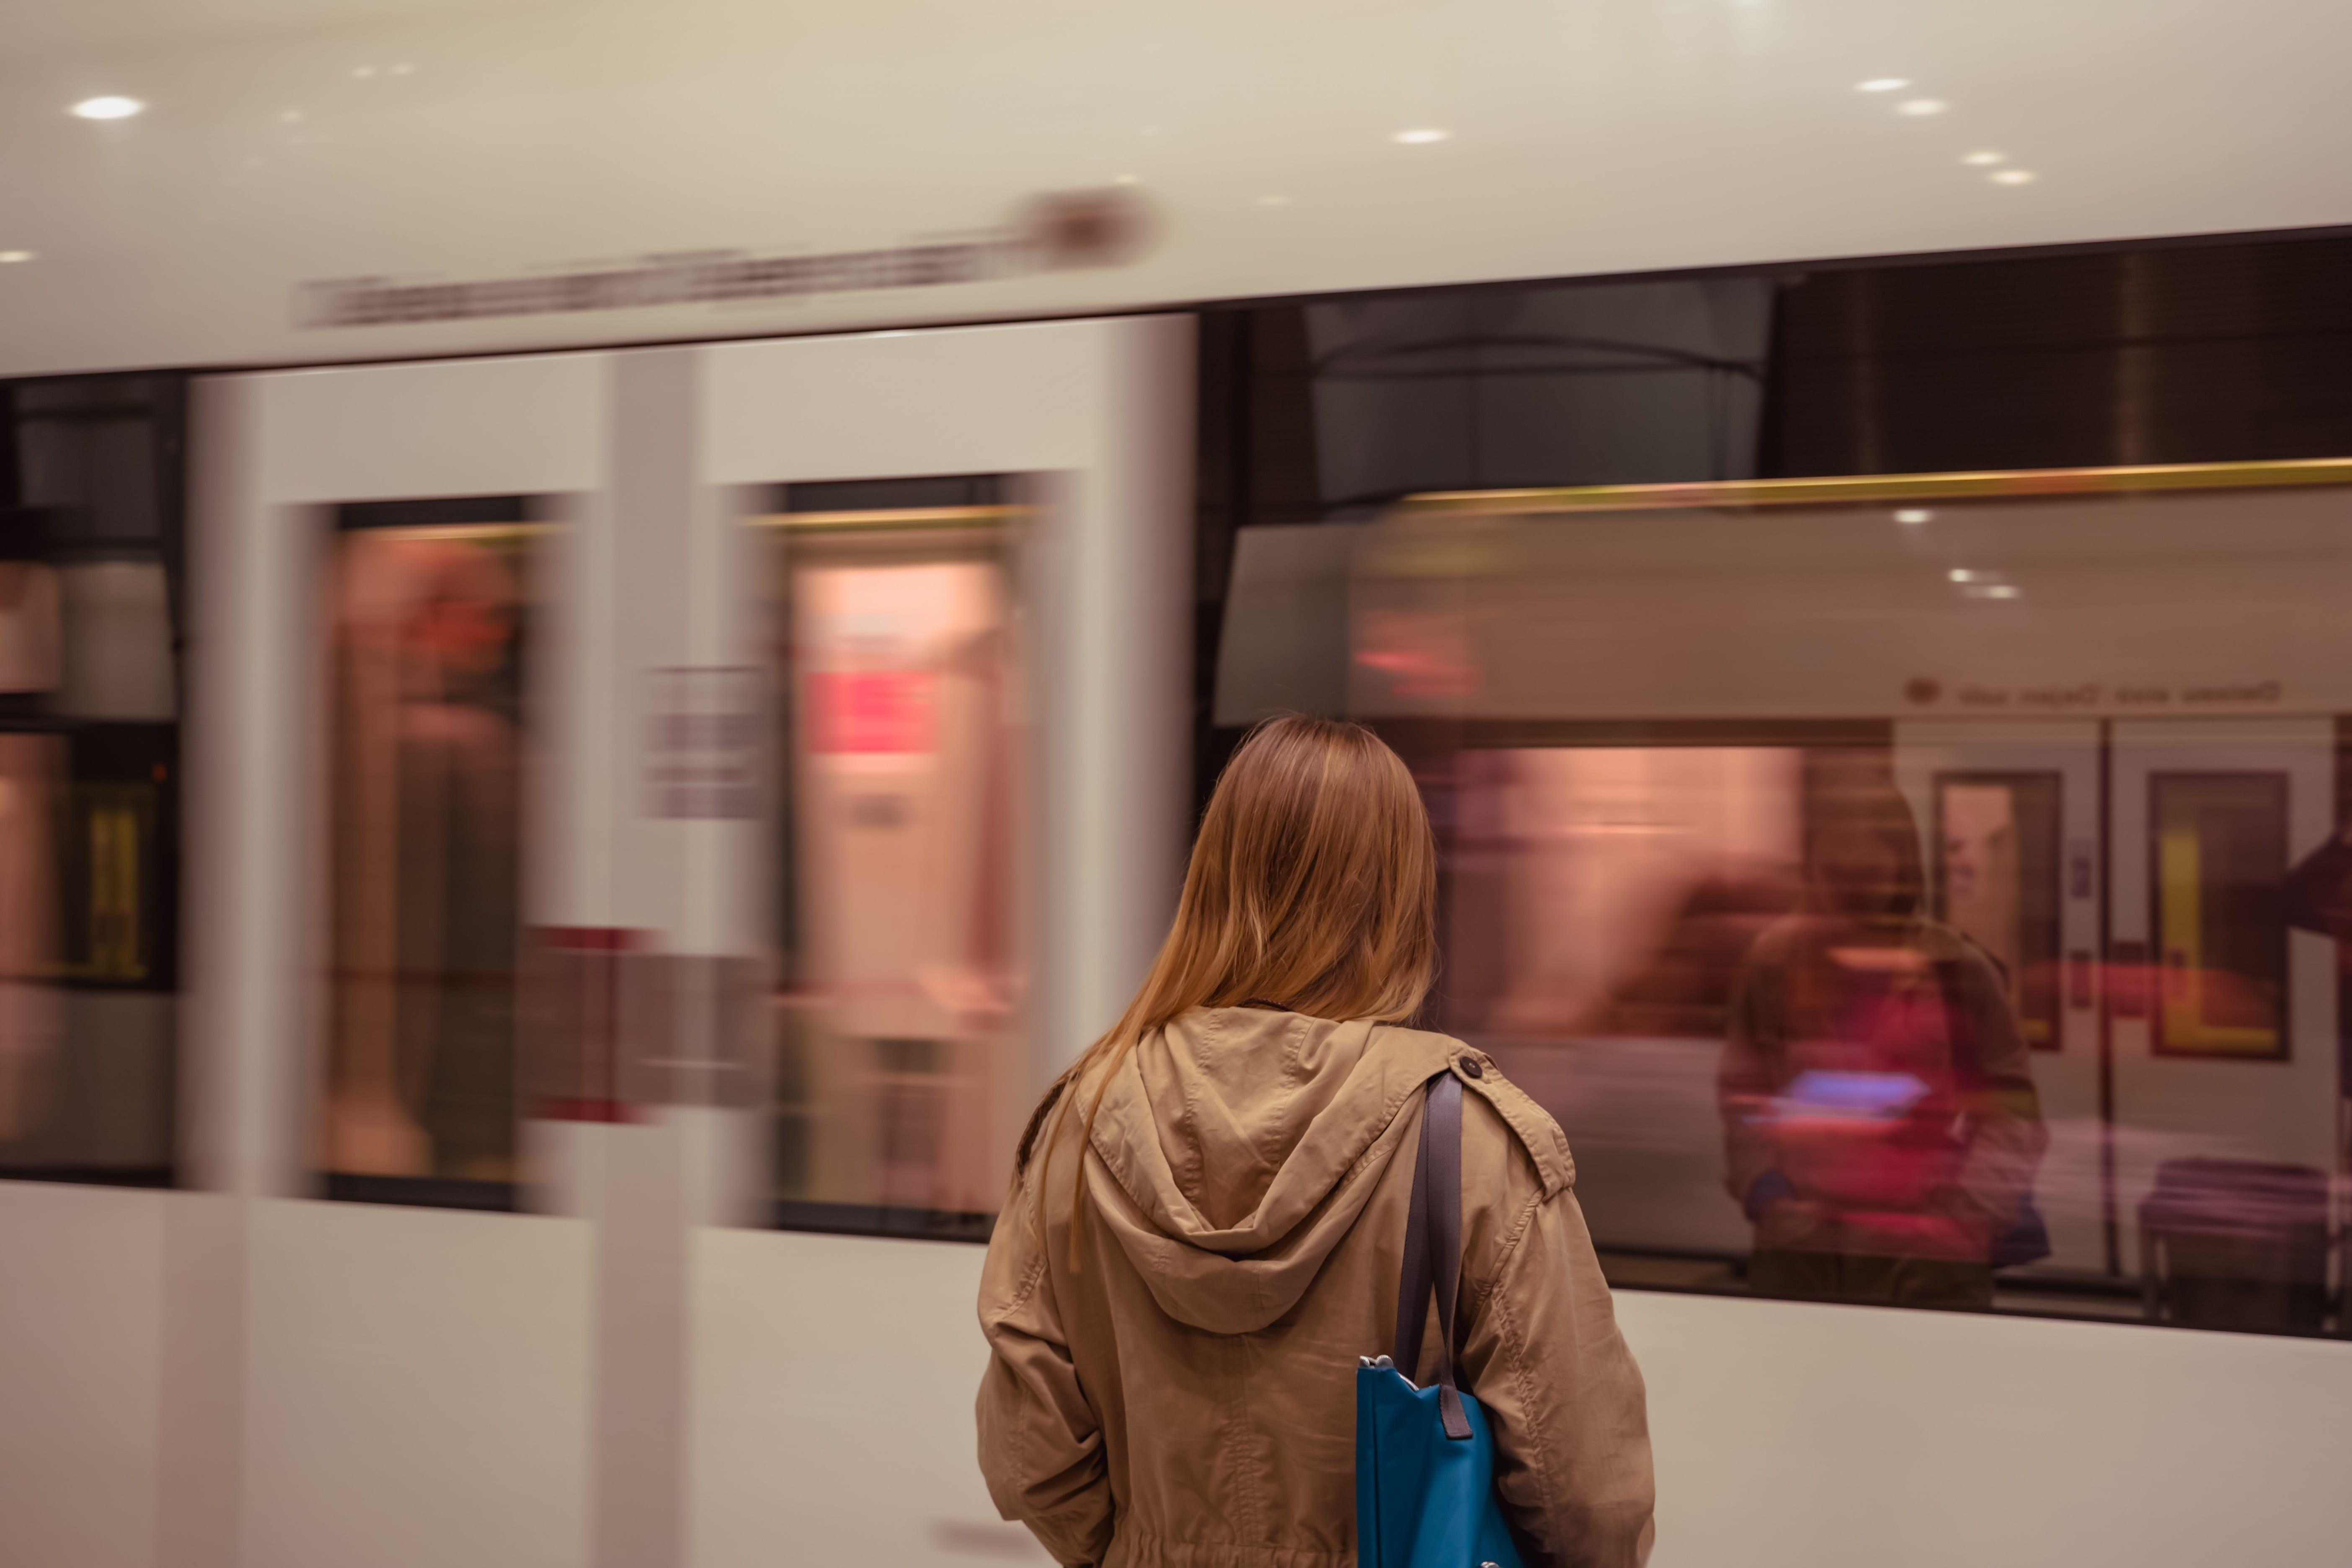 Fui víctima de acoso en el metro de la CDMX